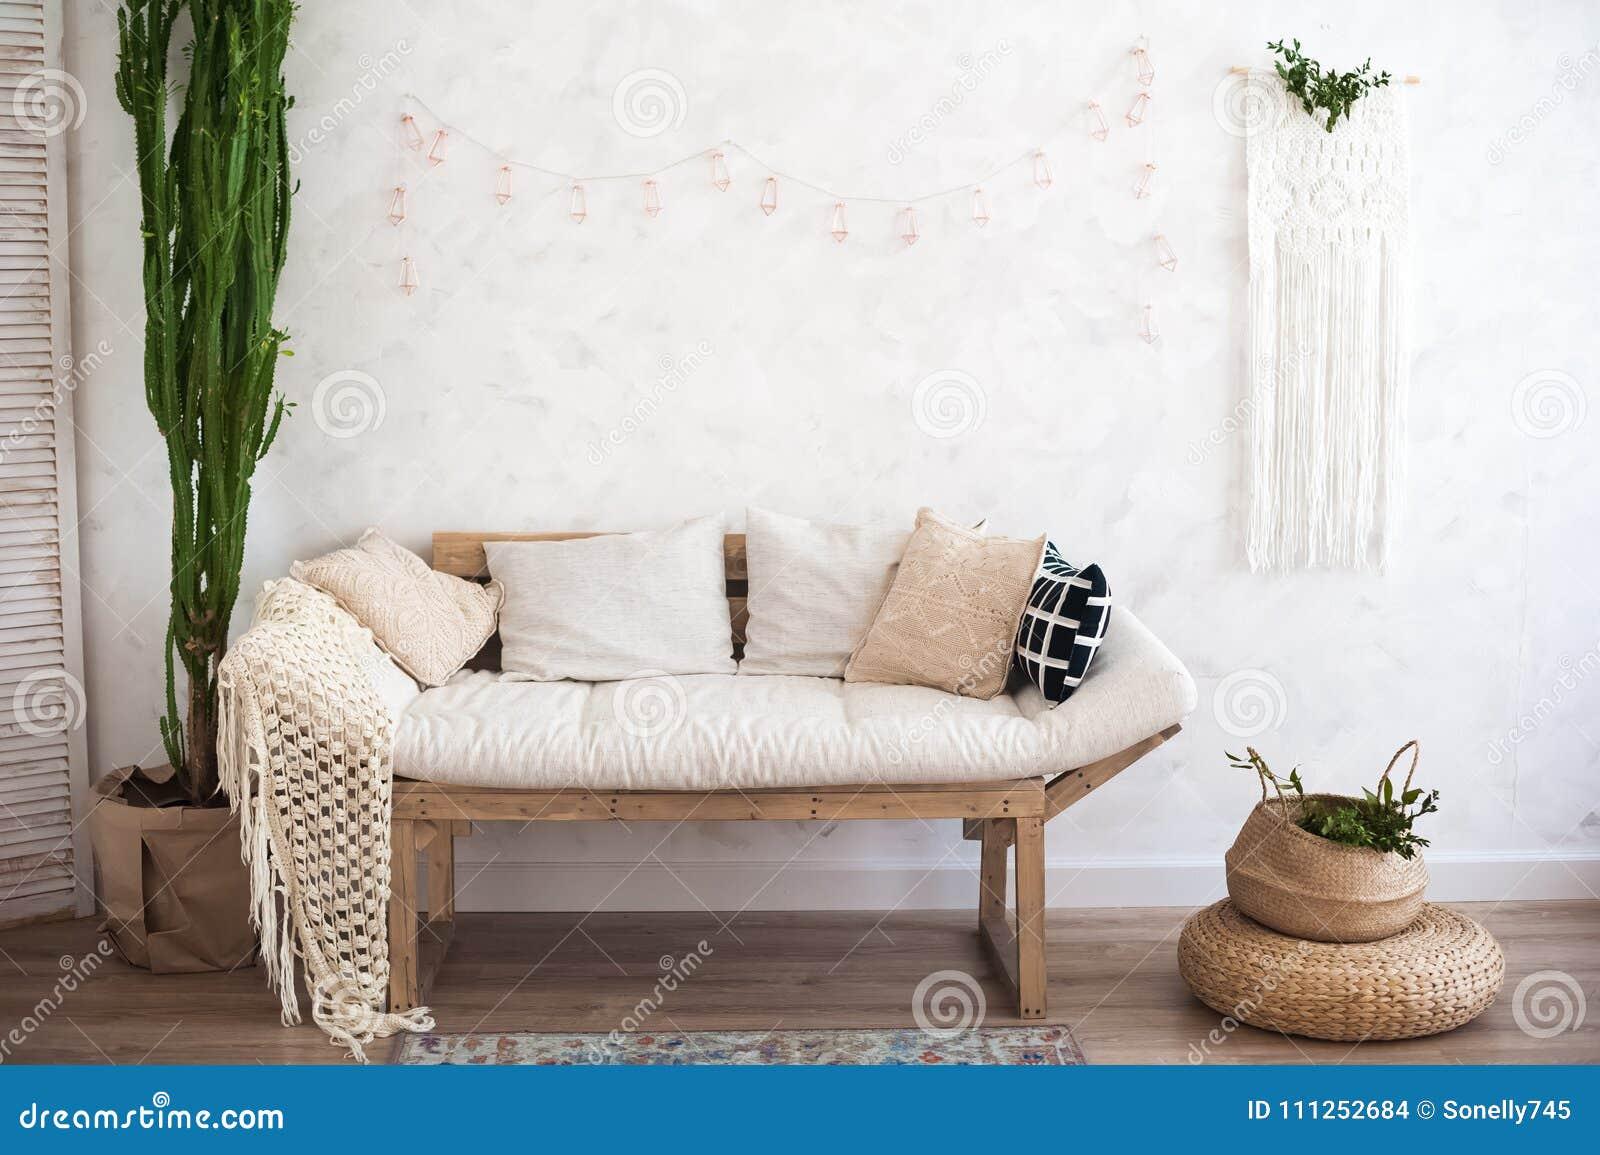 Piękny sping dekorujący wnętrze w białych textured kolorach Żywy pokój, beżowa kanapa z dywanikiem i wielki kaktus,